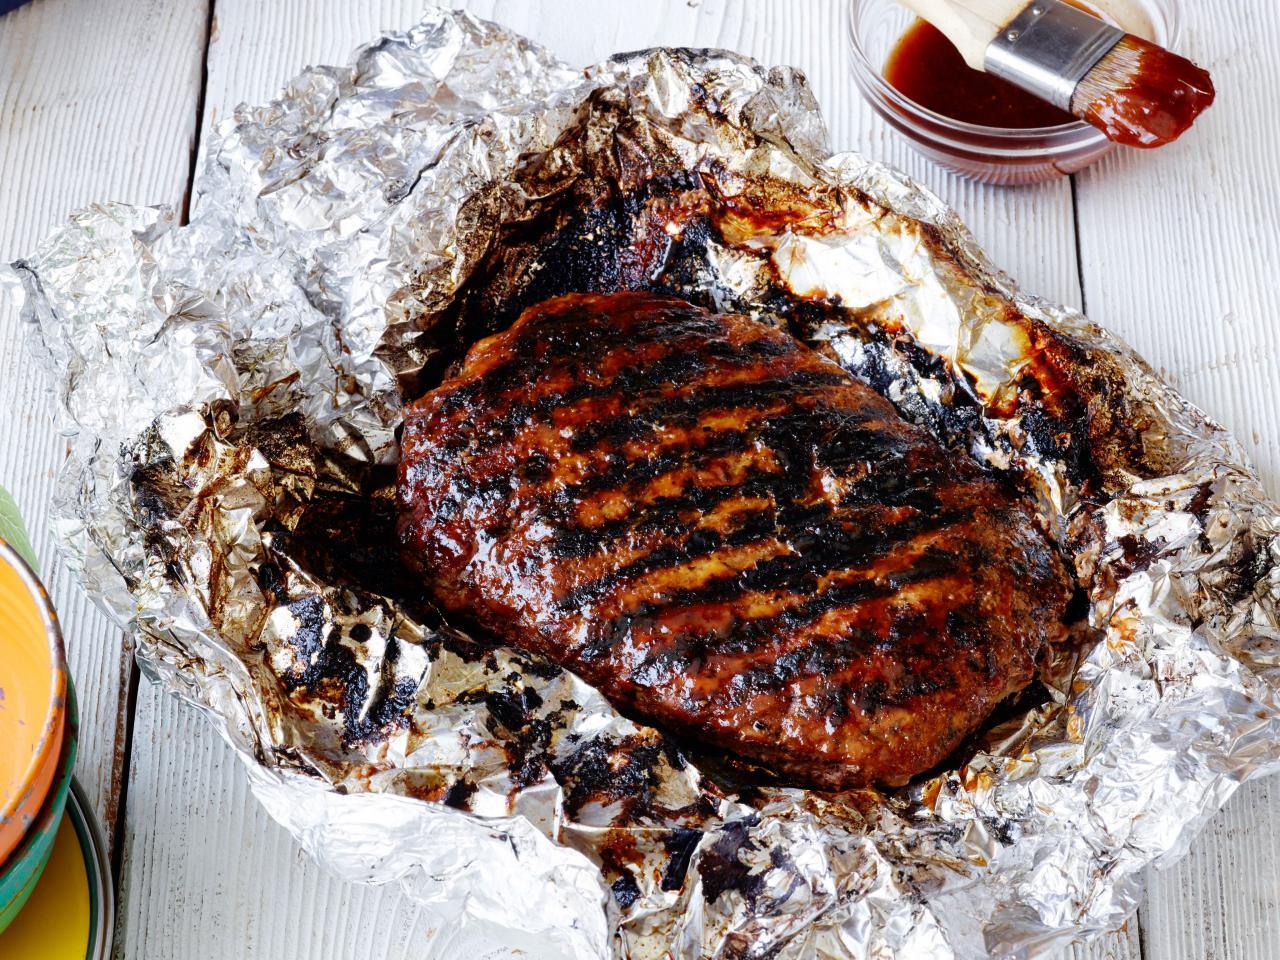 мясо в фольге для запекания